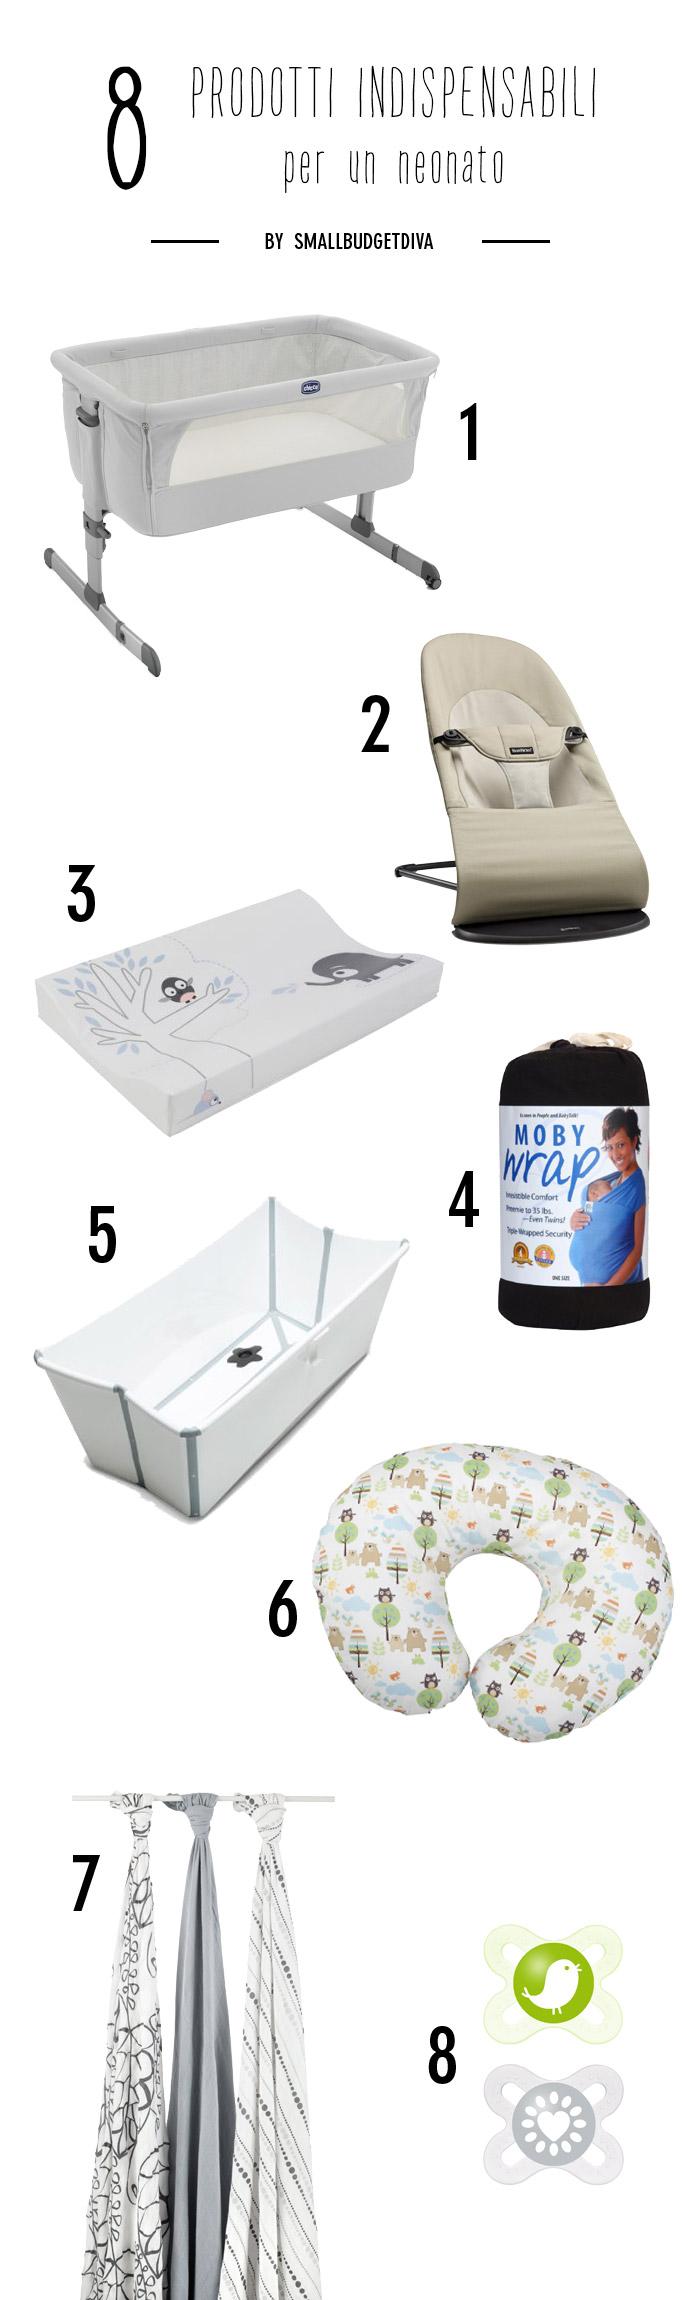 prodotti-indispensabili-per-un-neonato_1